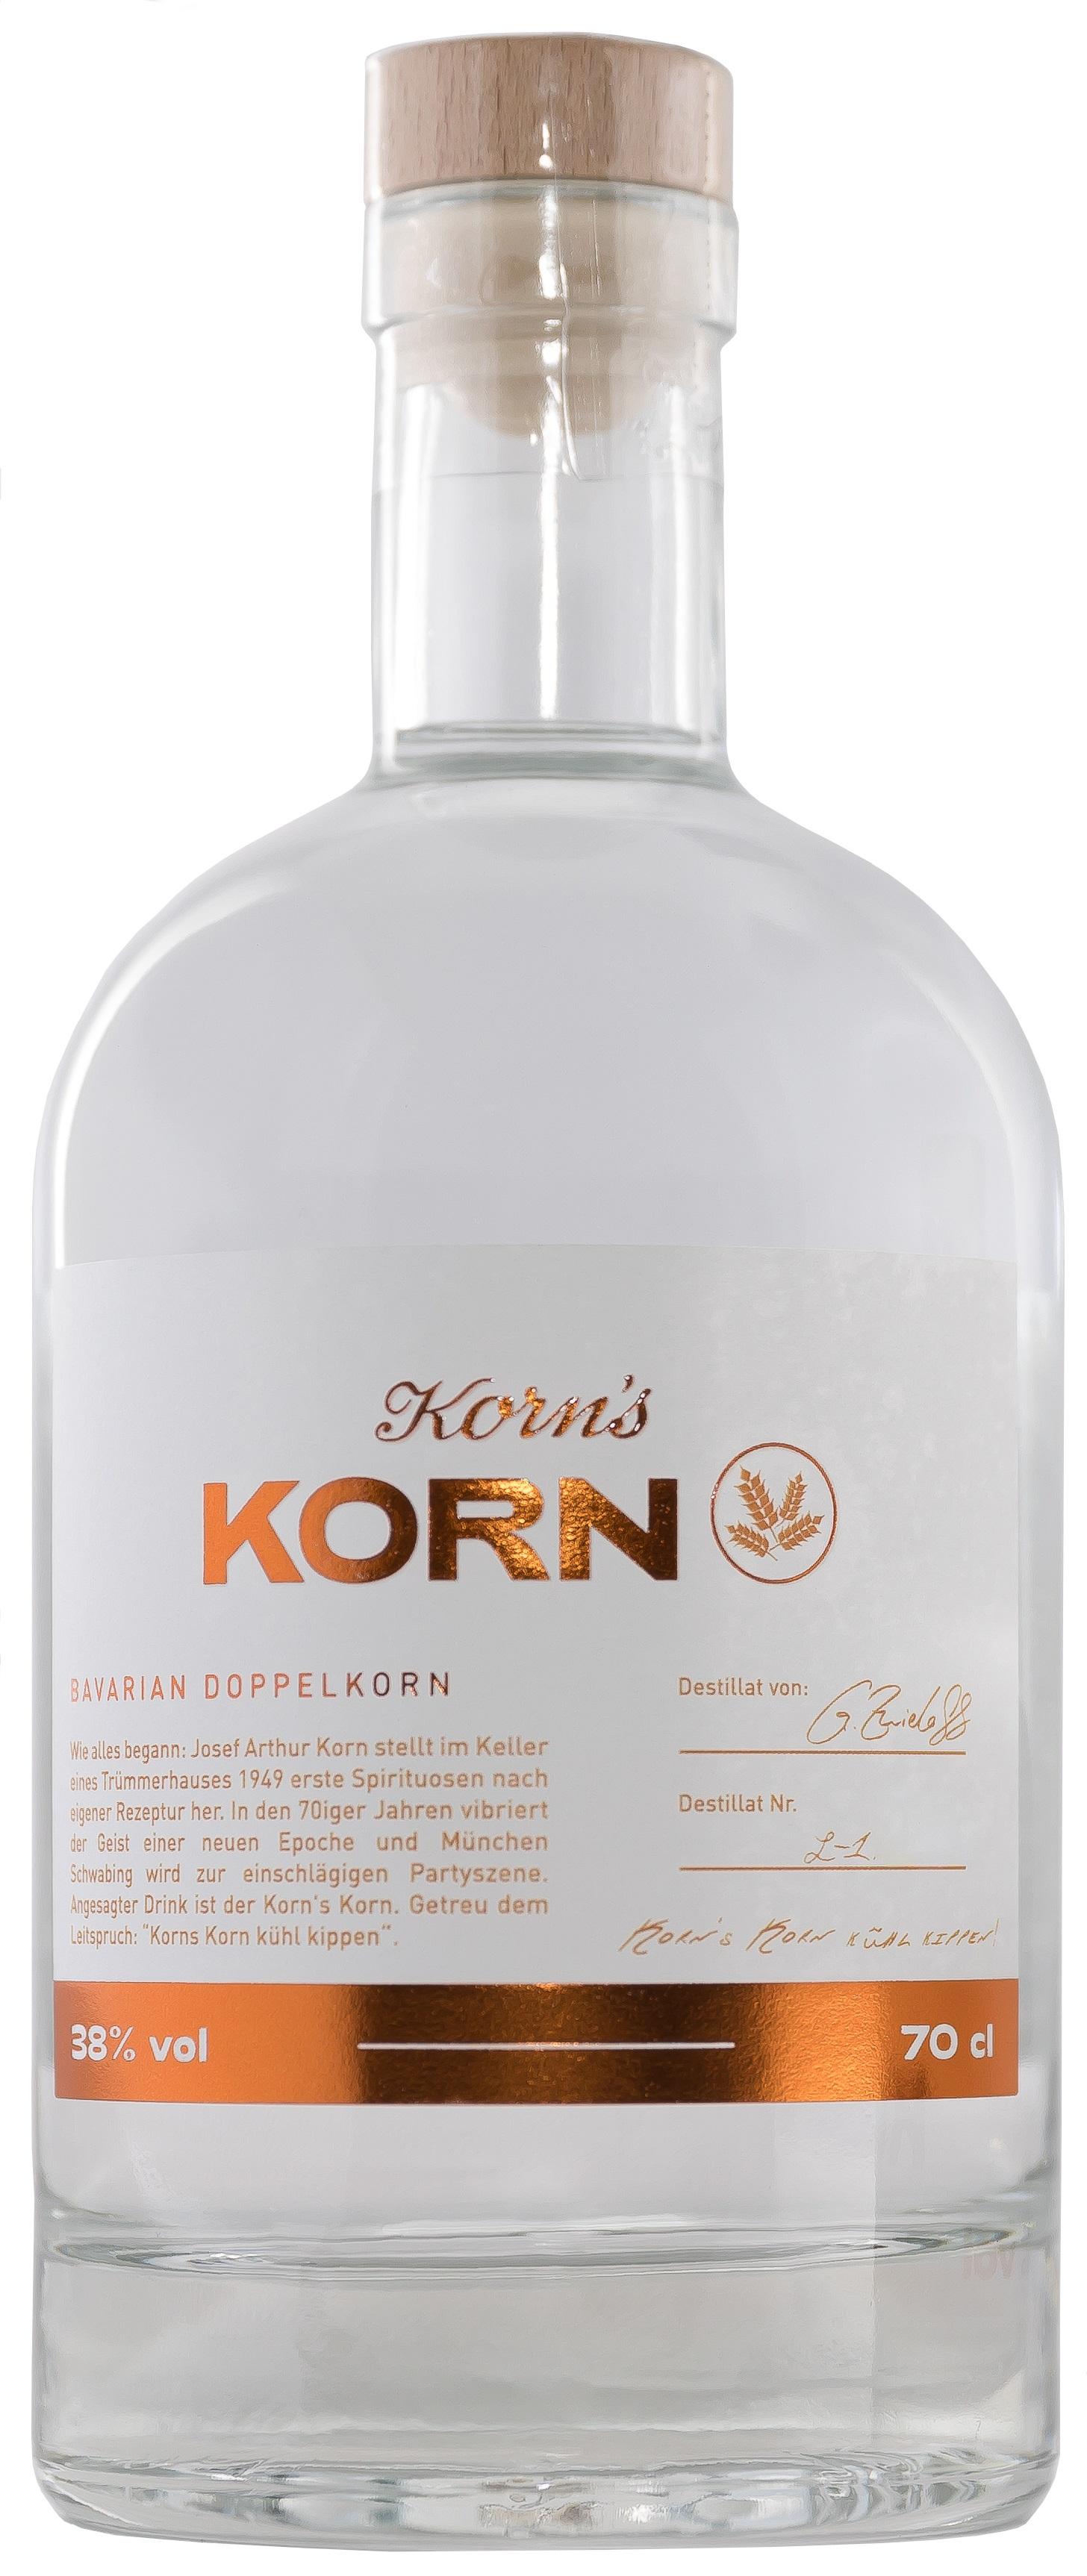 Korn's Korn Bavarian Doppelkorn